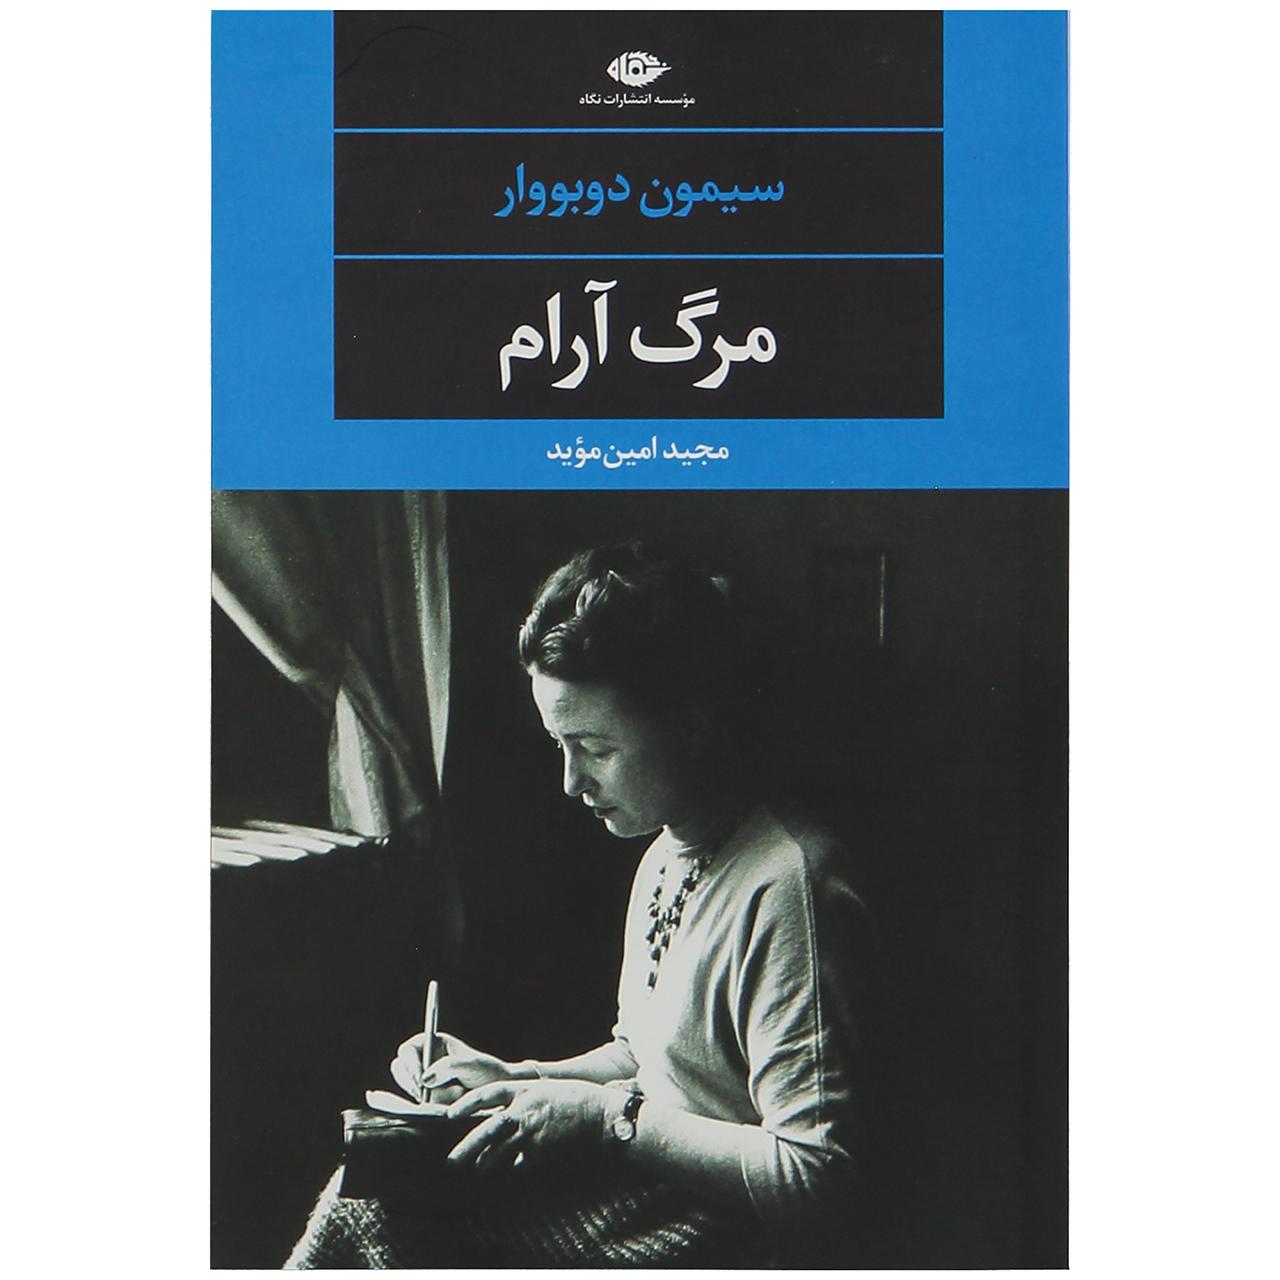 کتاب مرگ آرام اثر سیمون دو بووار